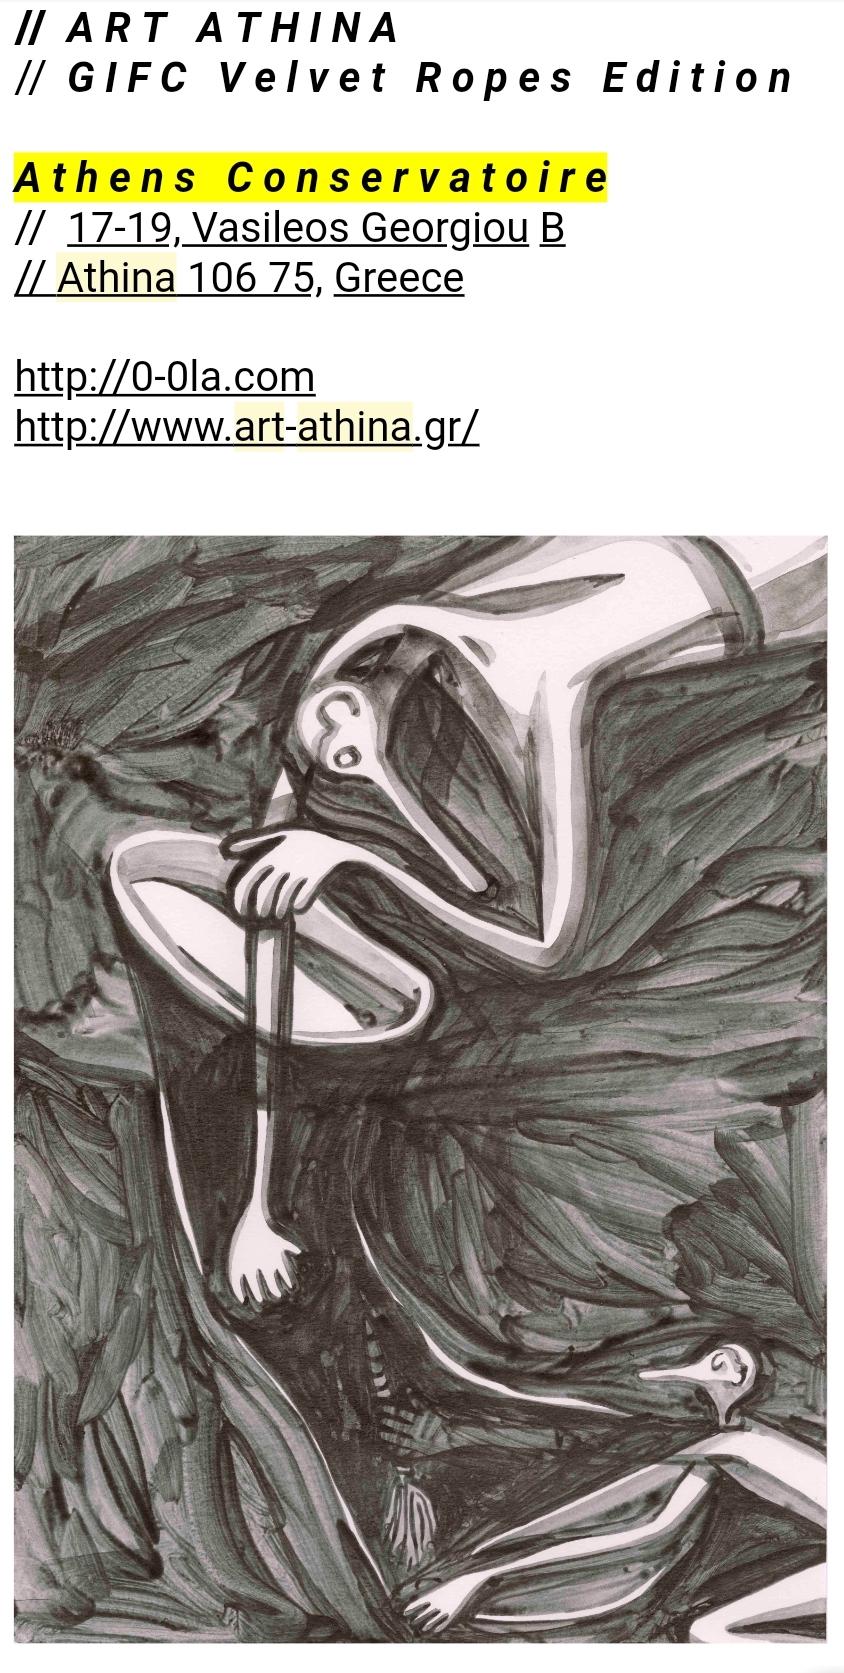 VELVET ROPES    ART ATHINA    JUNE 2018  Athens, Greece   http://www.art-athina.gr/